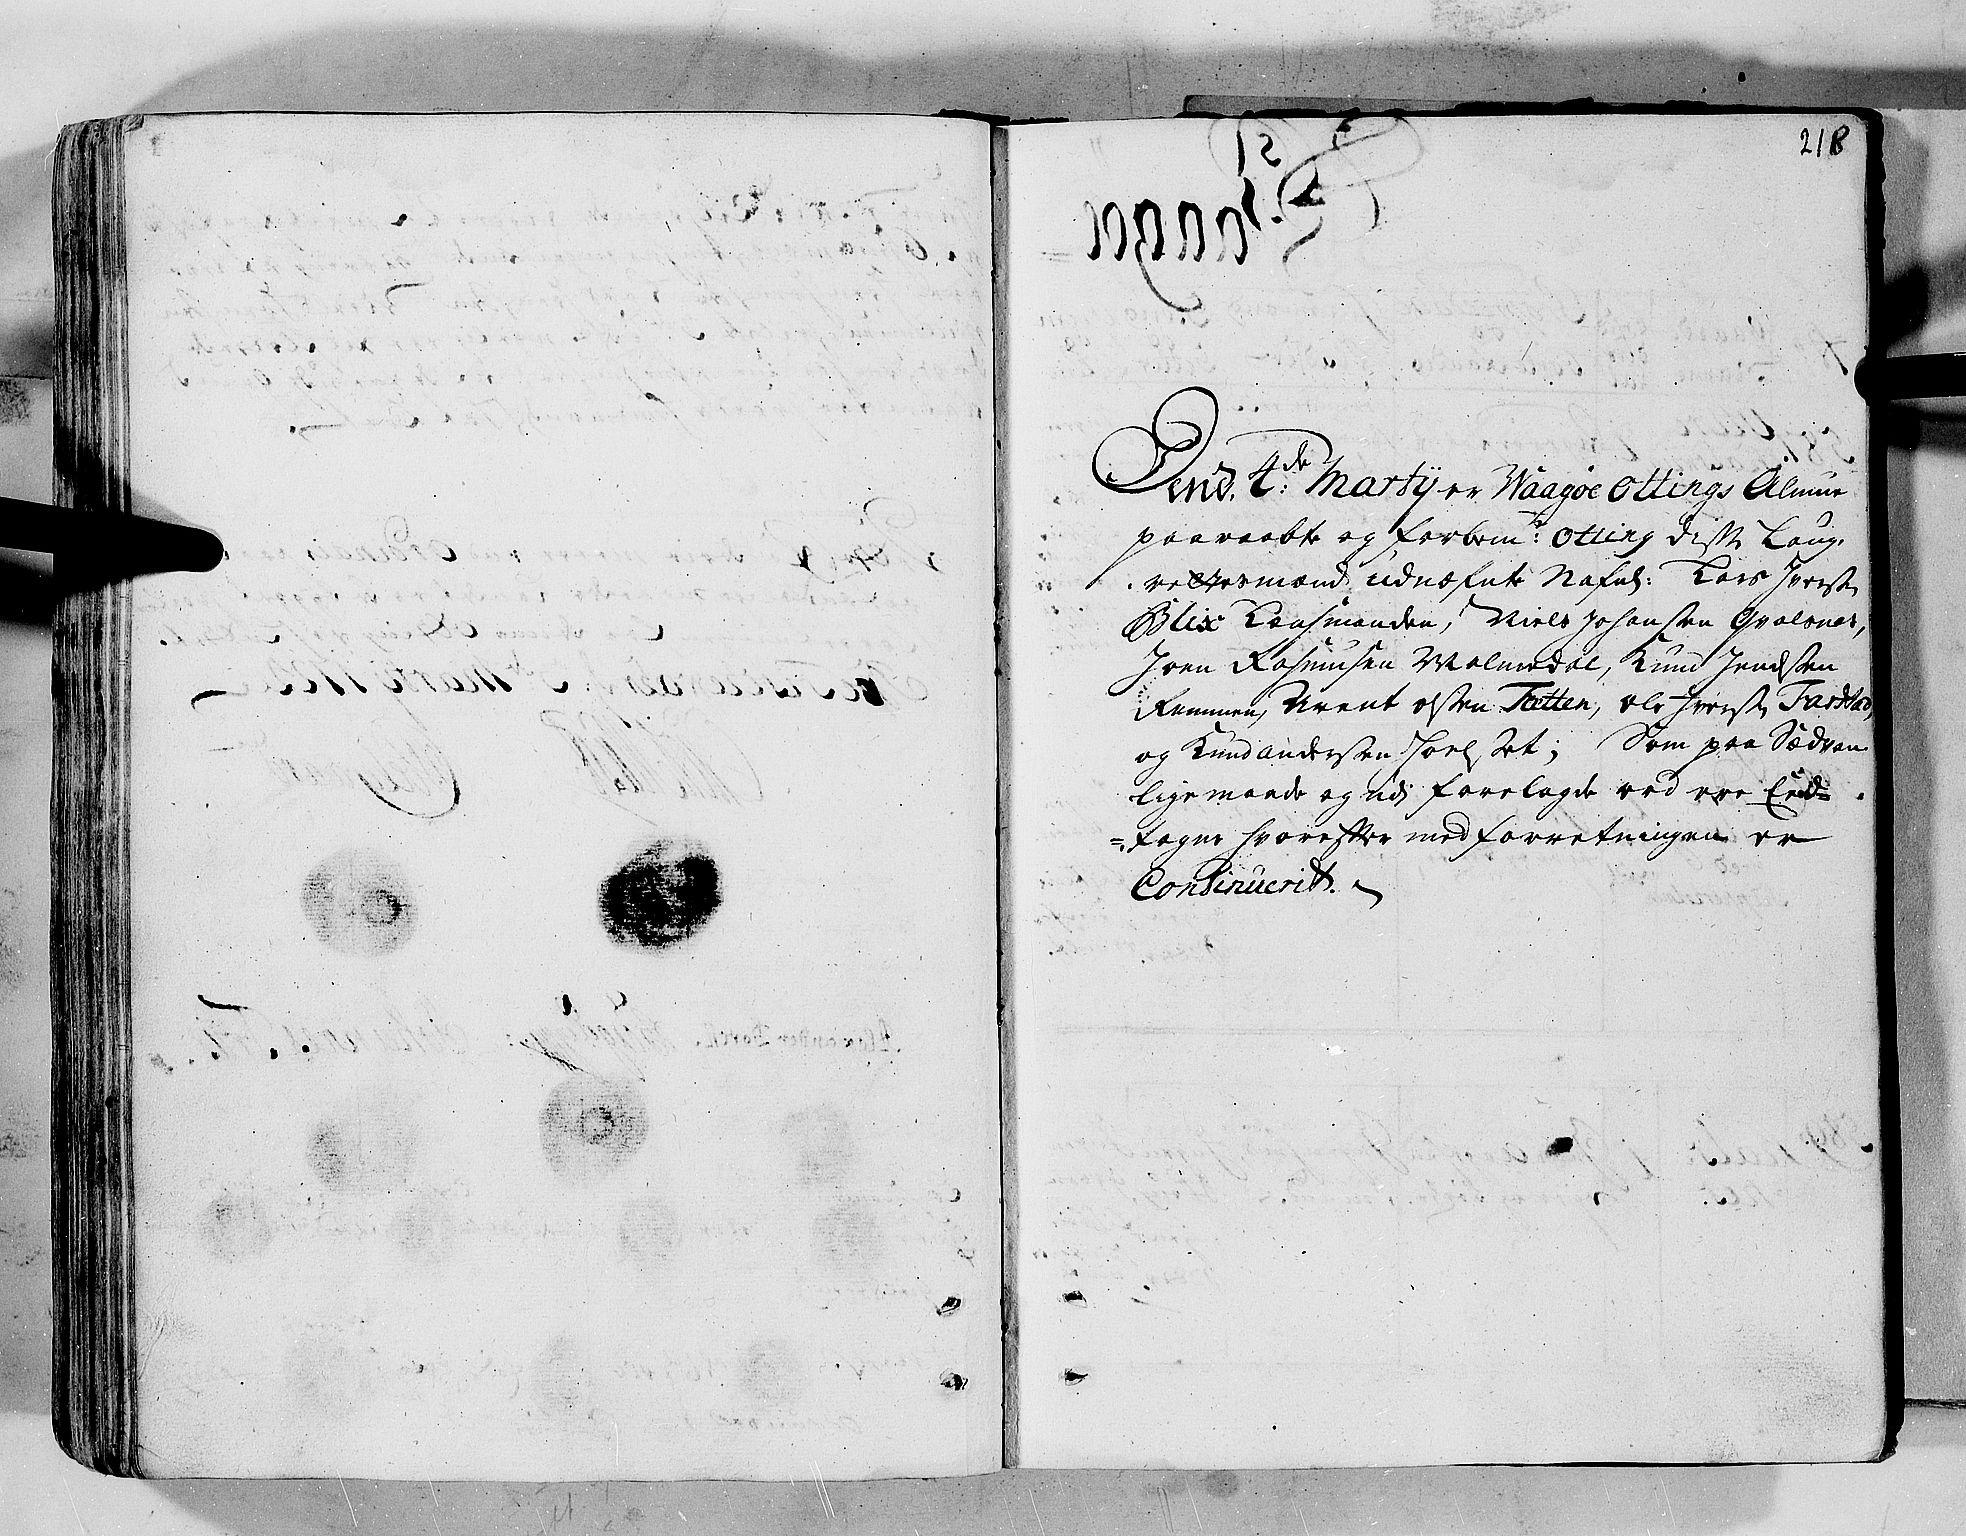 RA, Rentekammeret inntil 1814, Realistisk ordnet avdeling, N/Nb/Nbf/L0152: Romsdal eksaminasjonsprotokoll, 1724, s. 217b-218a